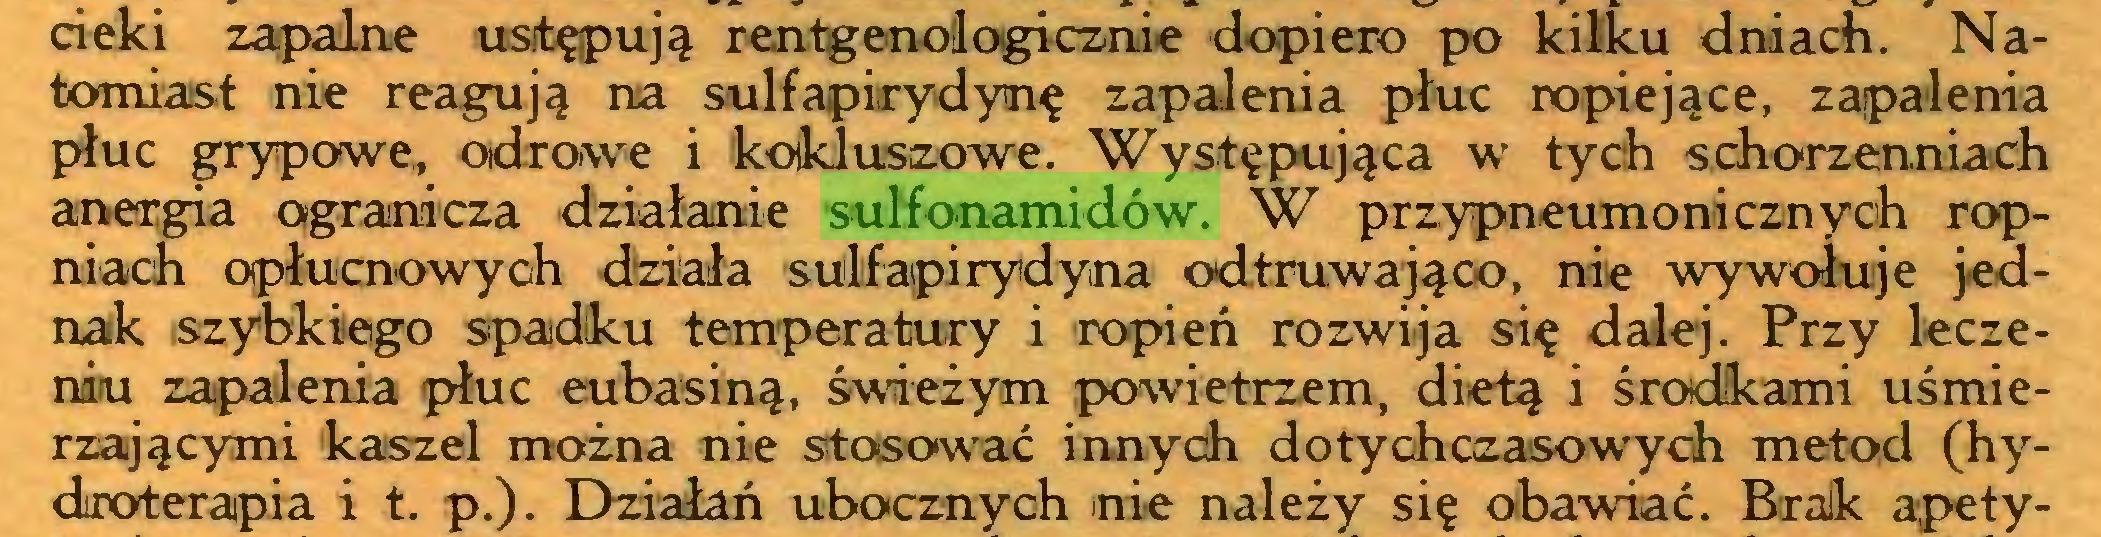 (...) cieki zapalne ustępują rentgenologicznie dopiero p>o kilku dniach. Natomiast nie reagują na sulfapirydynę zapalenia płuc ropiejące, zapalenia płuc grypowe,, odrowe i kokluszowe. Występująca w tych schorzenniach anergia ogranicza działanie sulfonamidów. W przypneumonicznych ropniach opłucnowyoh działa sulfapirydyna odtruwająco, nie wywołuje jednak szybkiego spadku temperatury i ropień rozwija się dalej. Przy leczeniu zapalenia płuc eubasiną, świeżym powietrzem, dietą i środkami uśmierzającymi kaszel można nie stasować innych dotychczasowych metod (hydroterapia i t. p.). Działań ubocznych nie należy się obawiać. Brak ąpety...